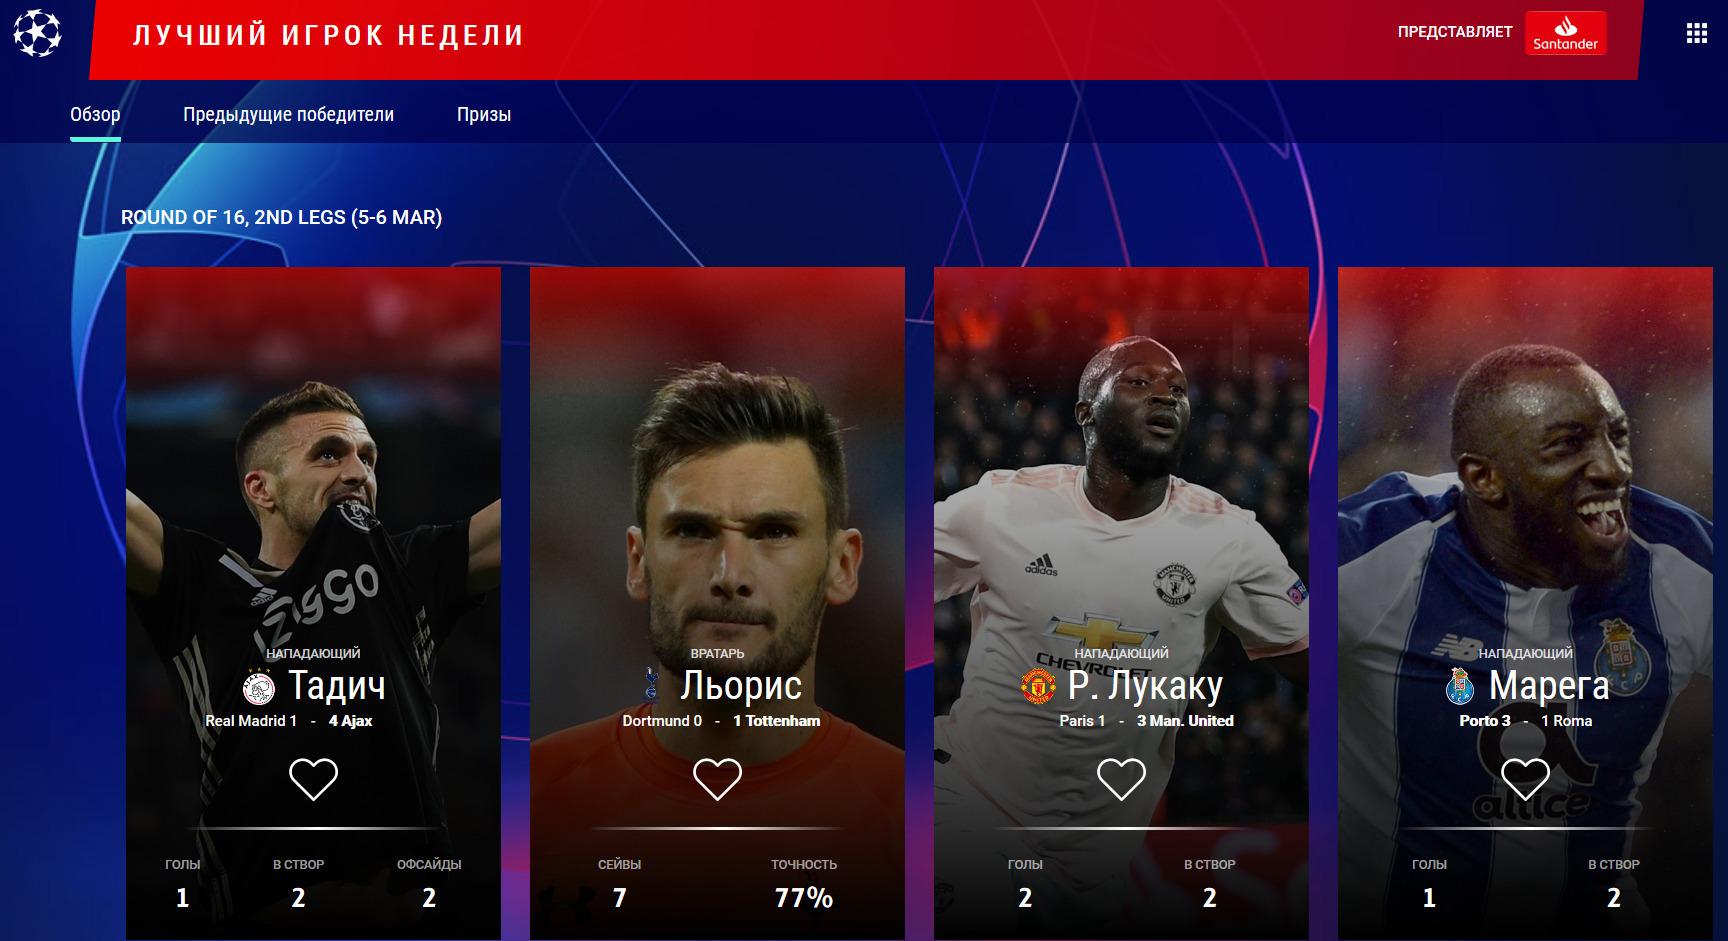 УЕФА назвал претендентов на звание лучшего игрока недели в Лиге чемпионов - изображение 1